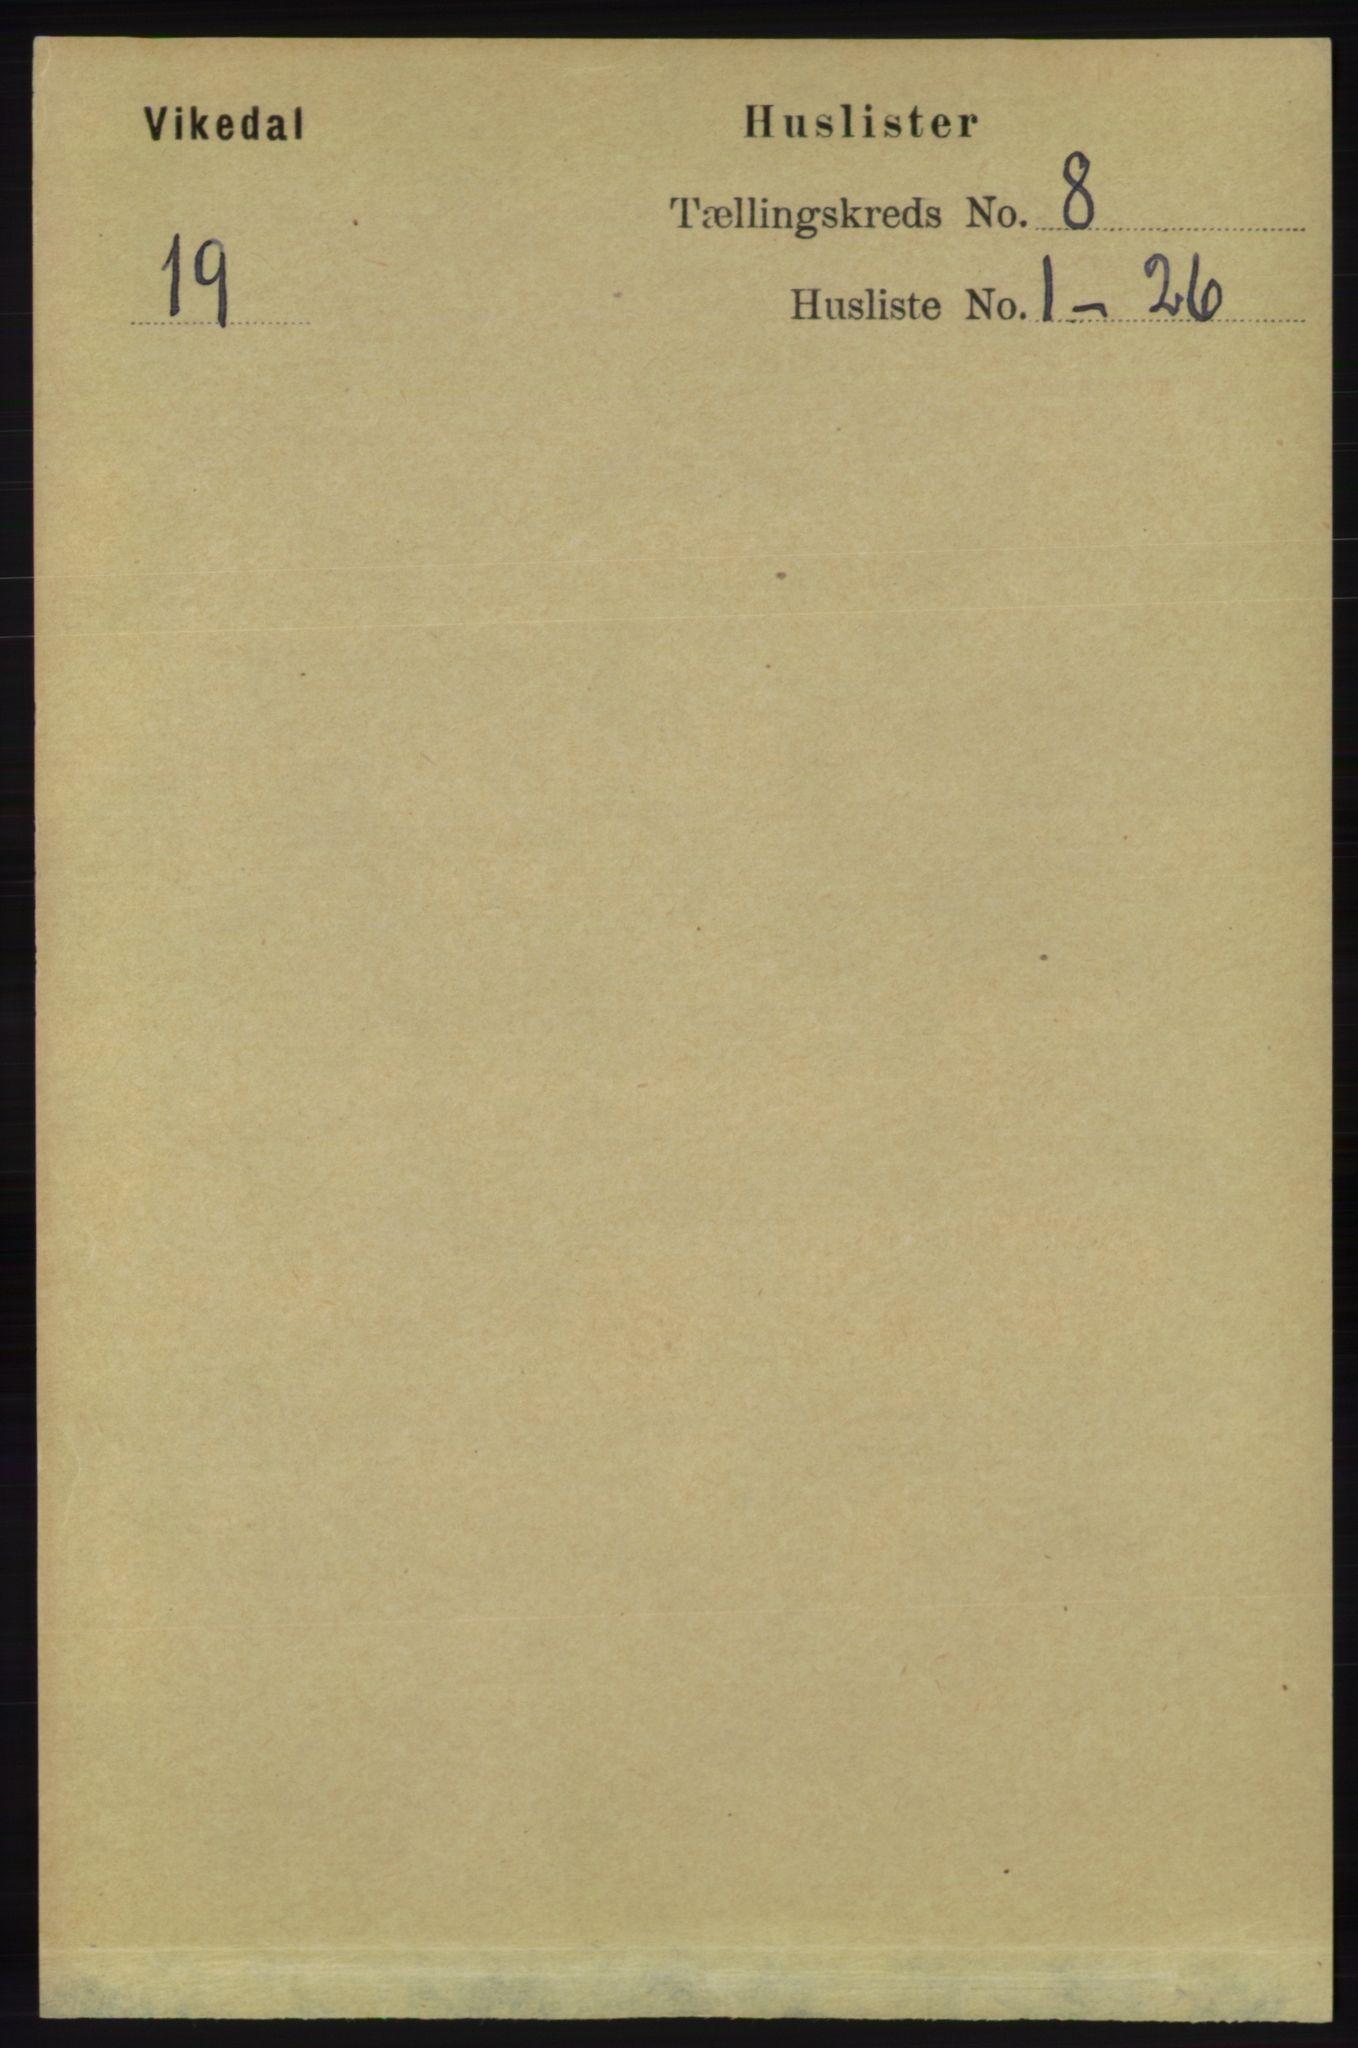 RA, Folketelling 1891 for 1157 Vikedal herred, 1891, s. 2194